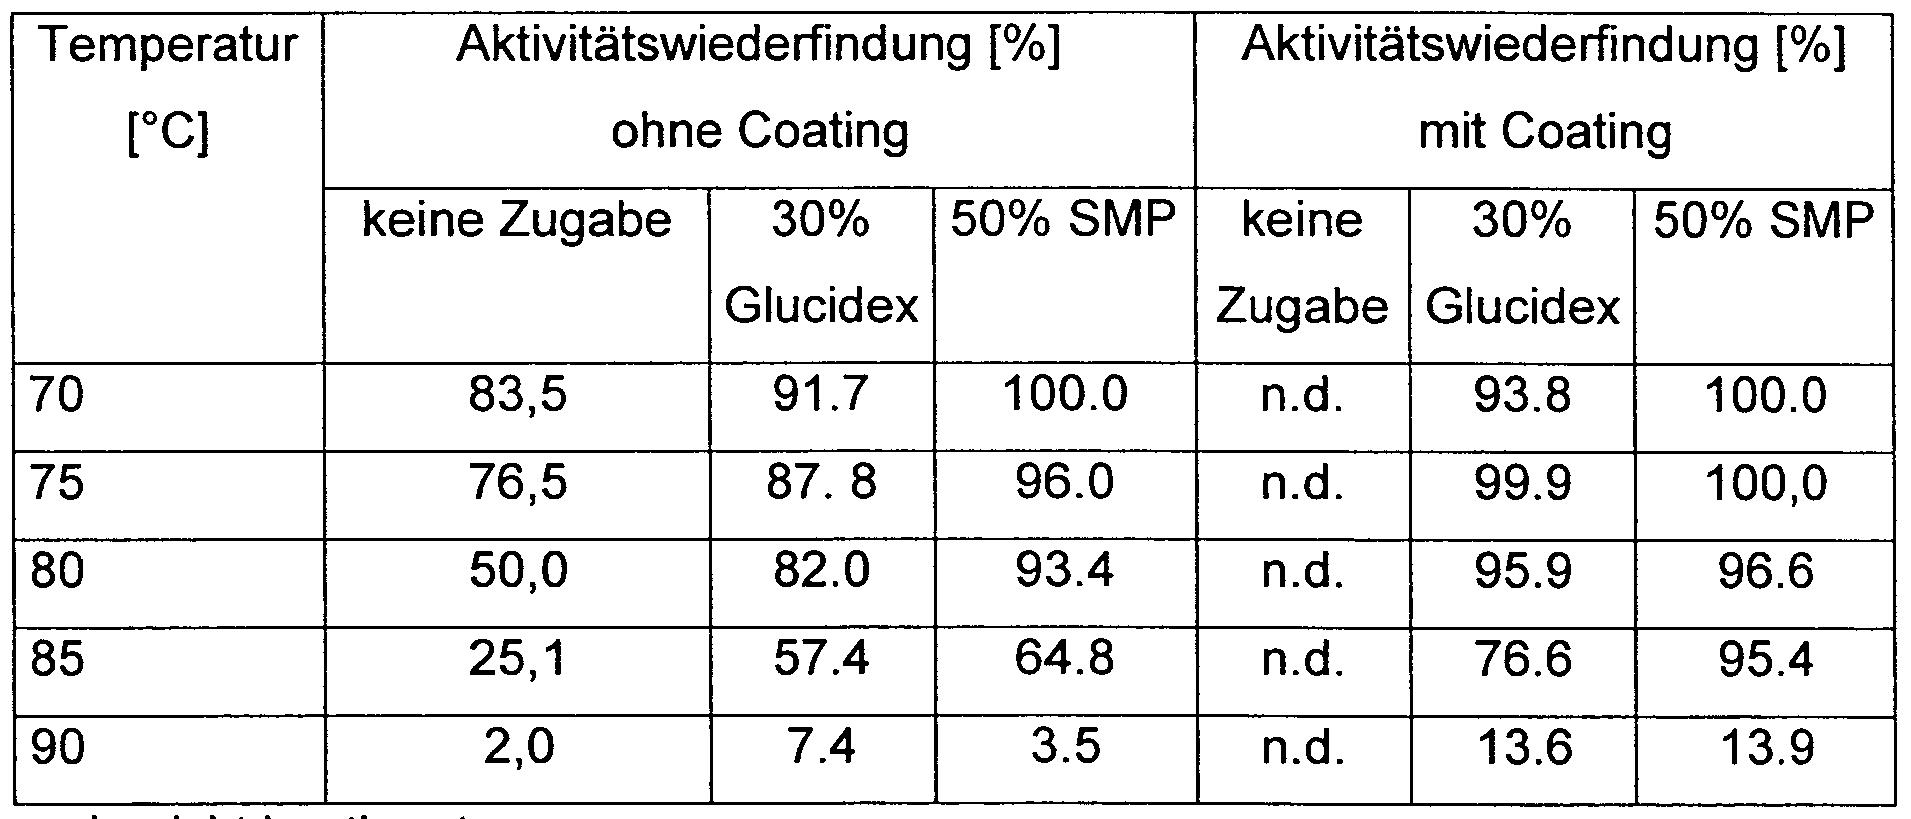 Tolle Drahtseilscheibenblöcke Fotos - Der Schaltplan - triangre.info